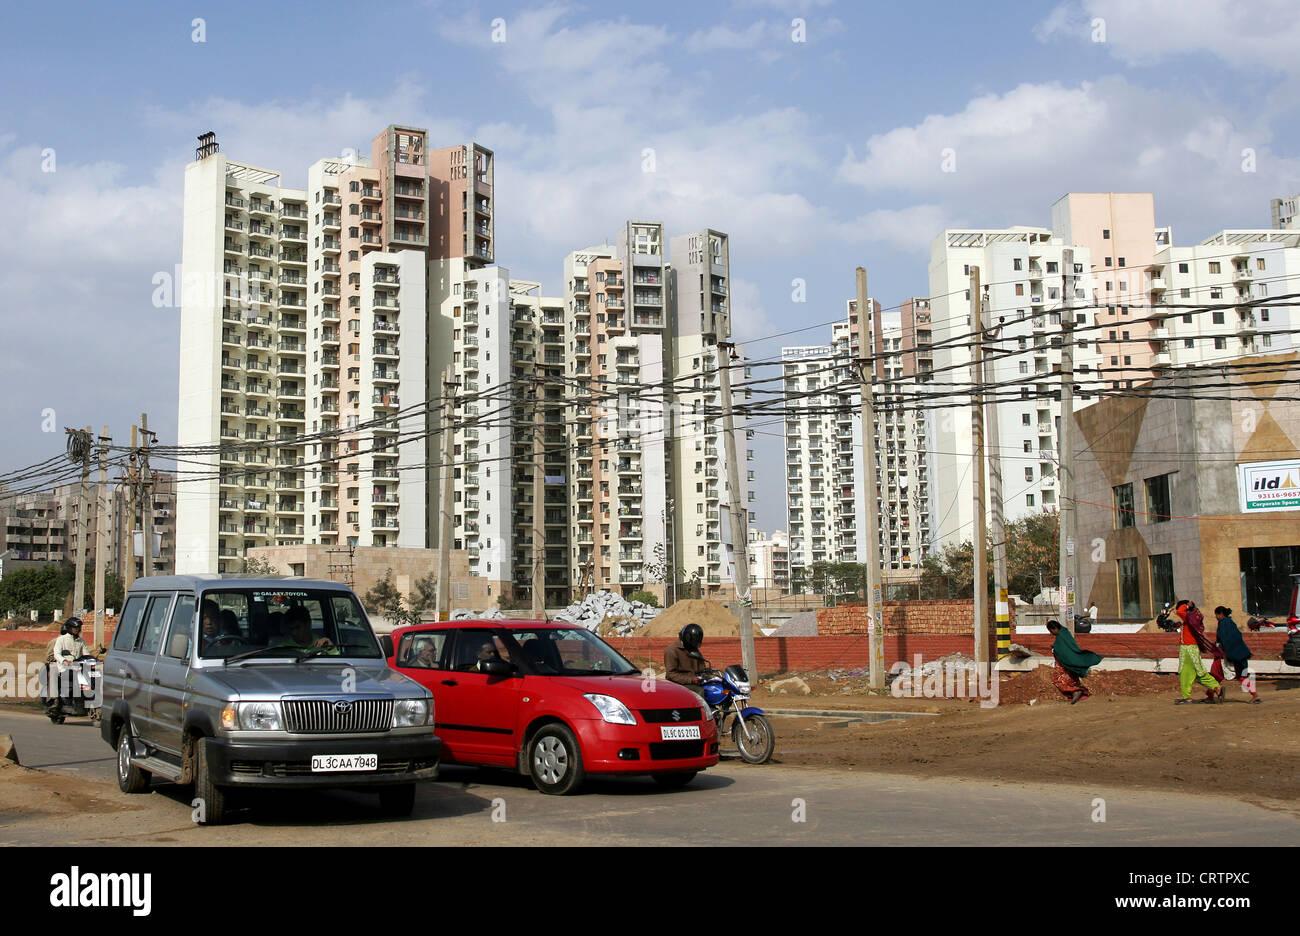 Nuovi edifici per la classe media a Nuova Delhi, India Immagini Stock